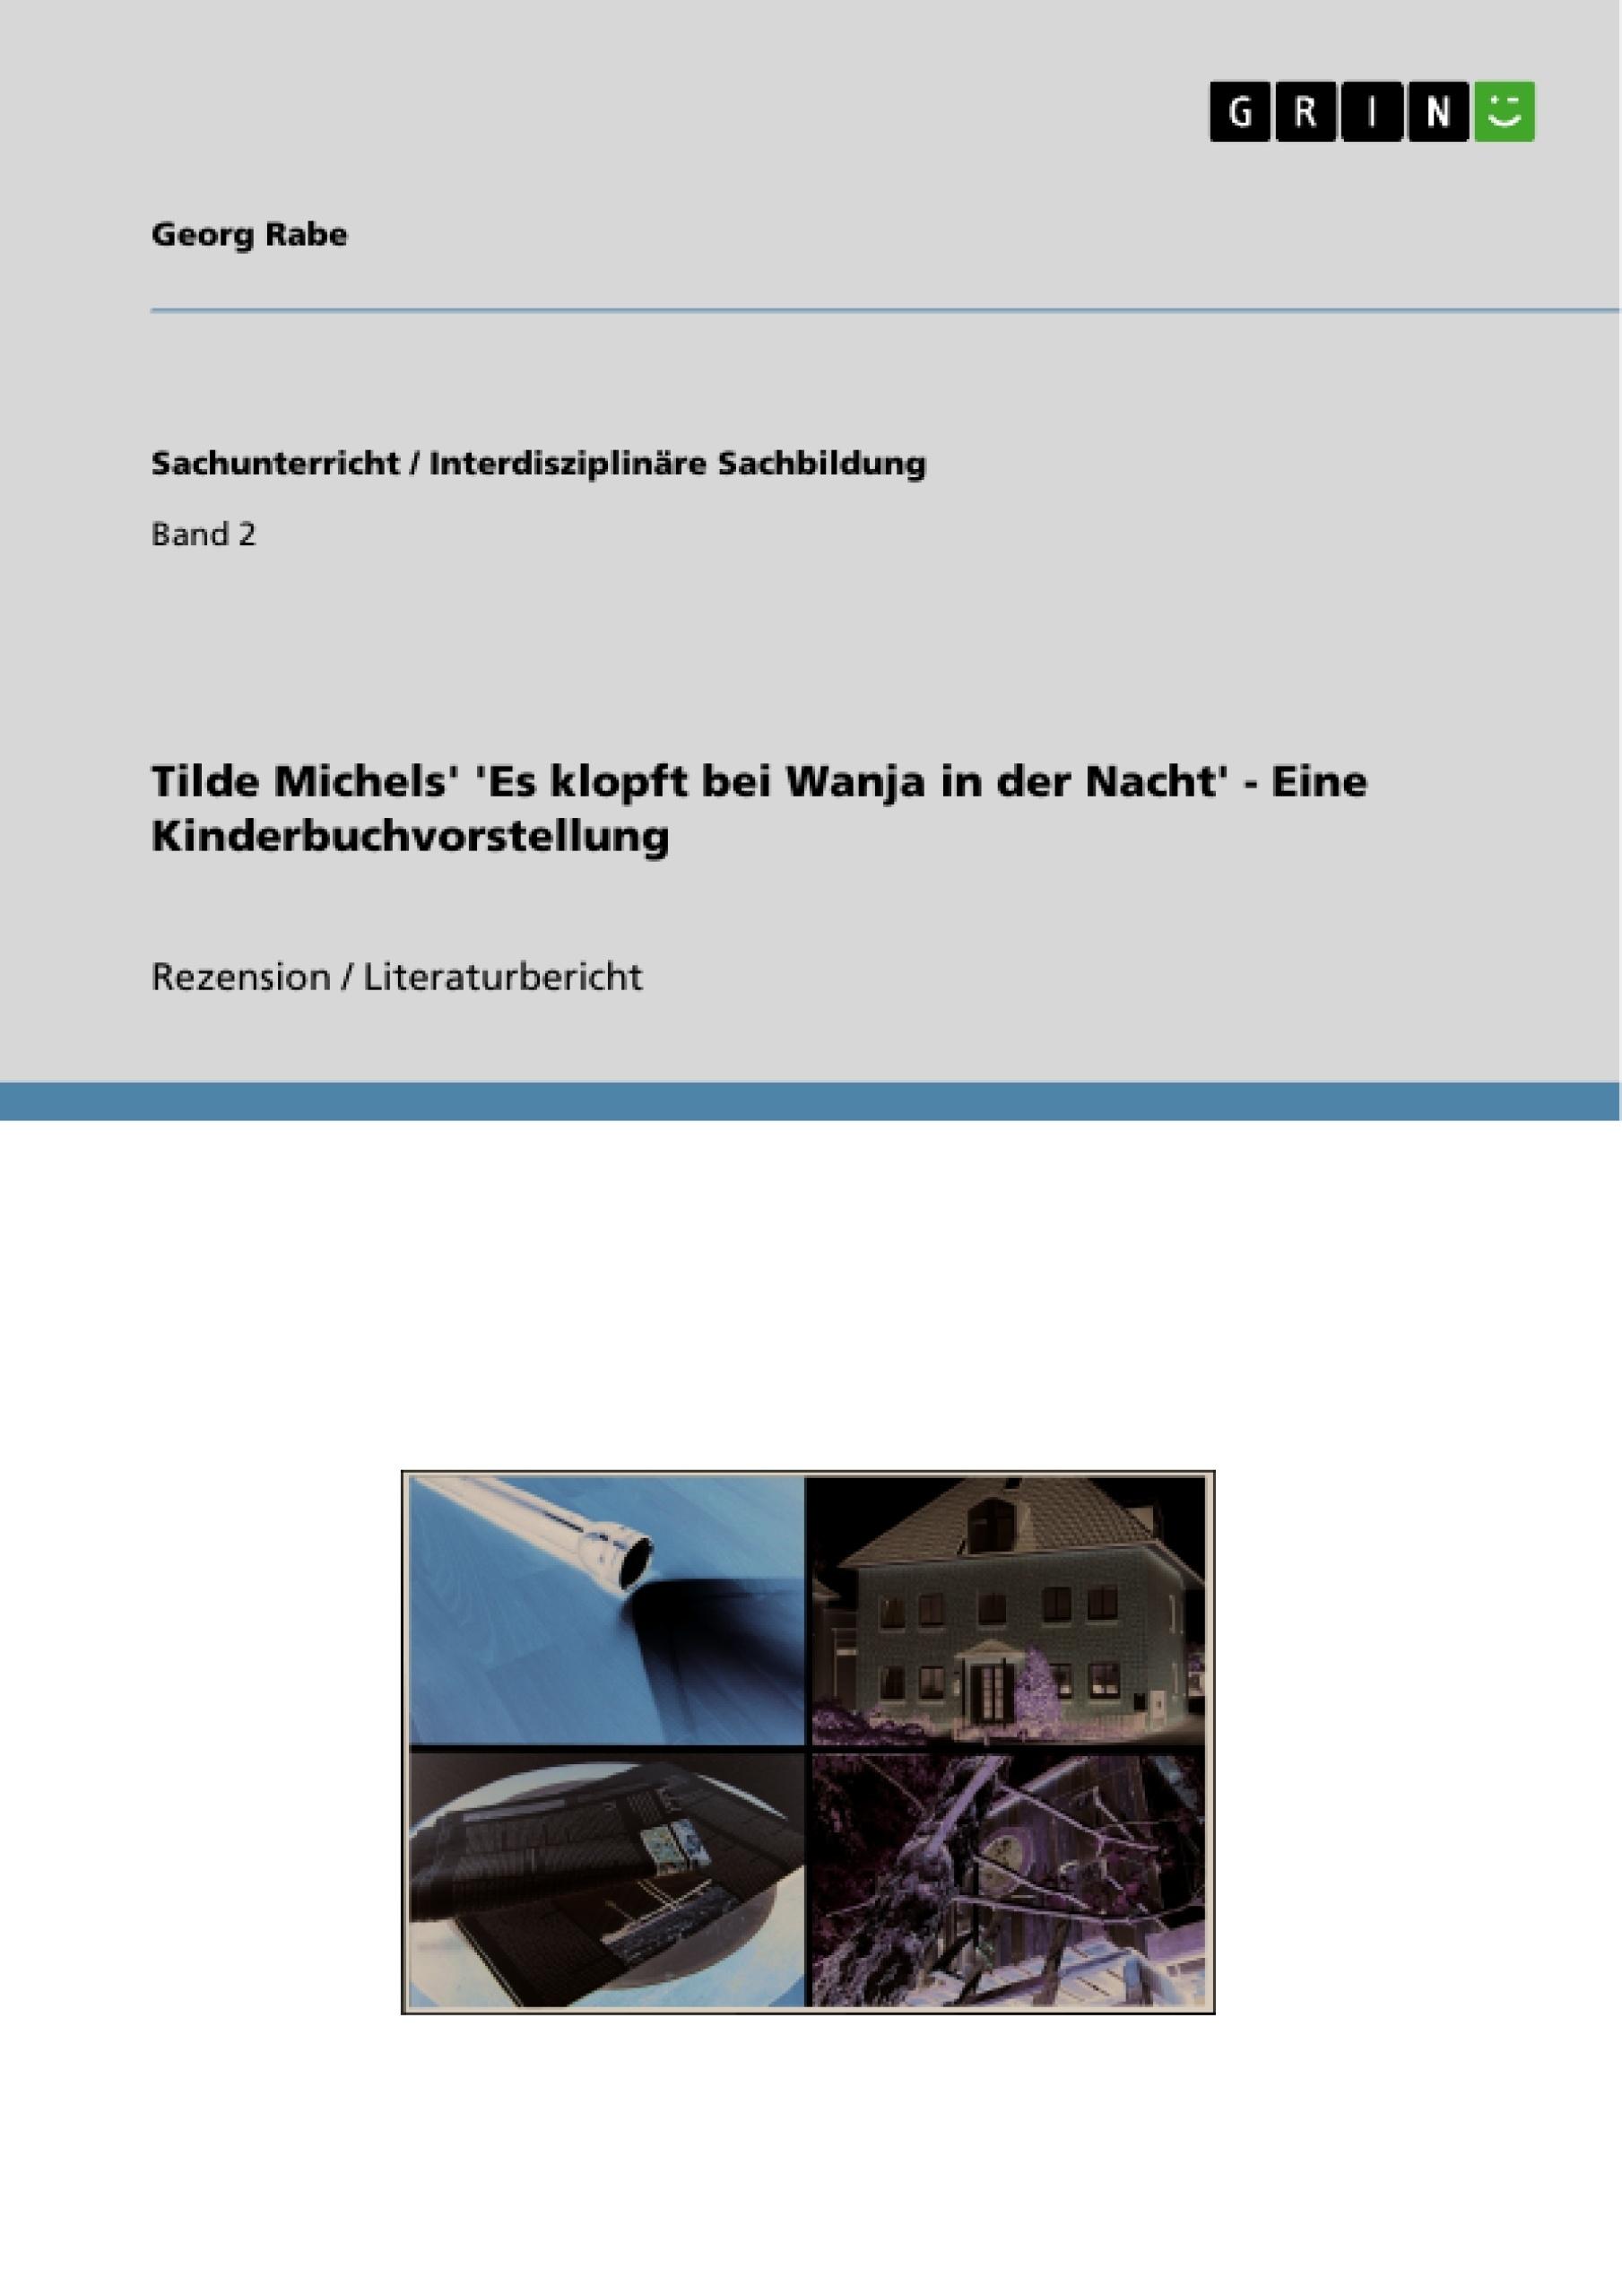 Titel: Tilde Michels' 'Es klopft bei Wanja in der Nacht' - Eine Kinderbuchvorstellung